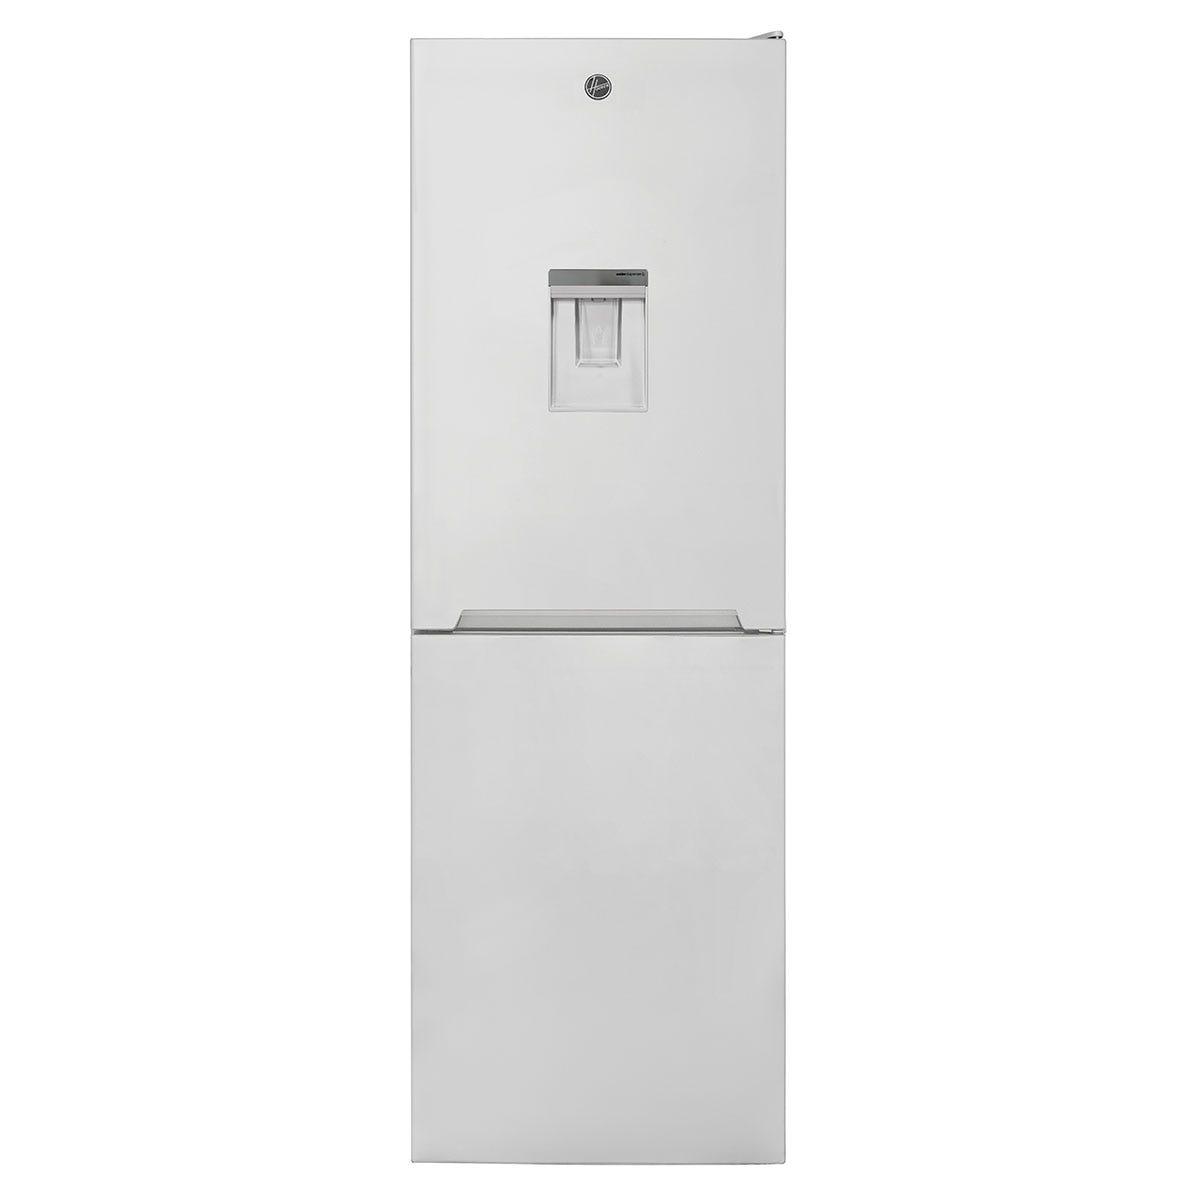 Hoover HVNB 618FW5WDK 60cm 323L Total No Frost Fridge Freezer - White